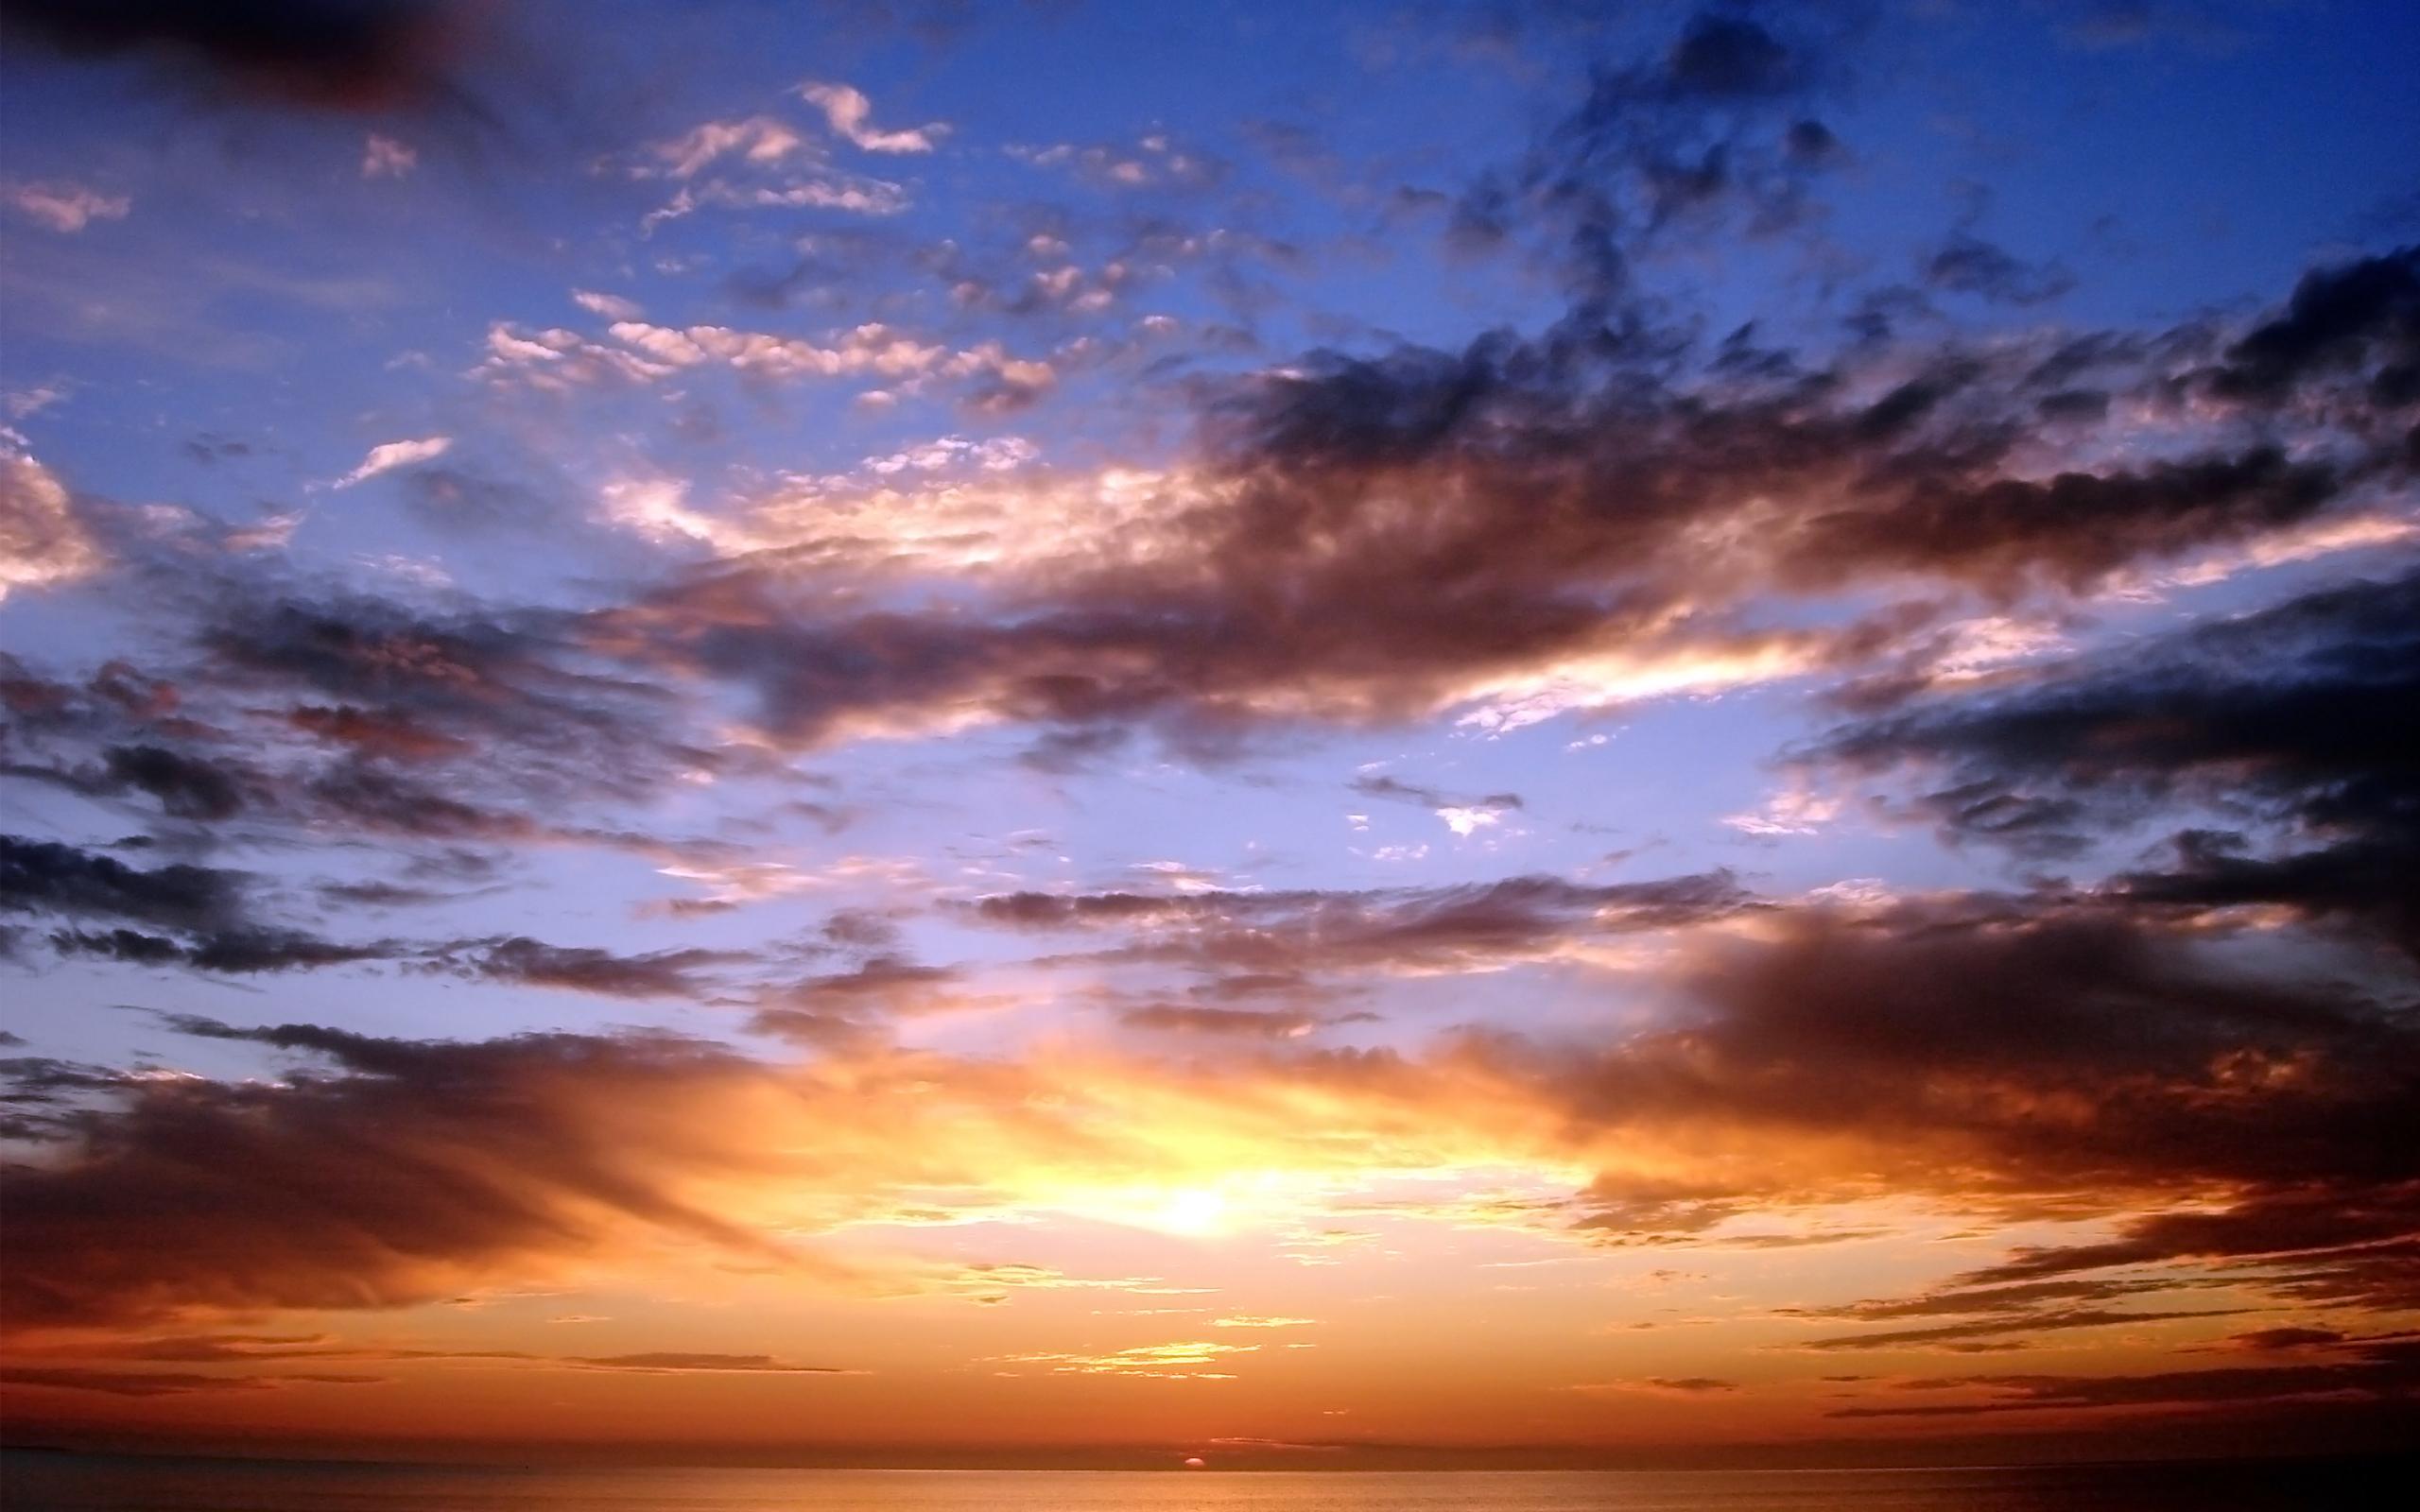 Sunset Sky Wallpaper Hd 1080p